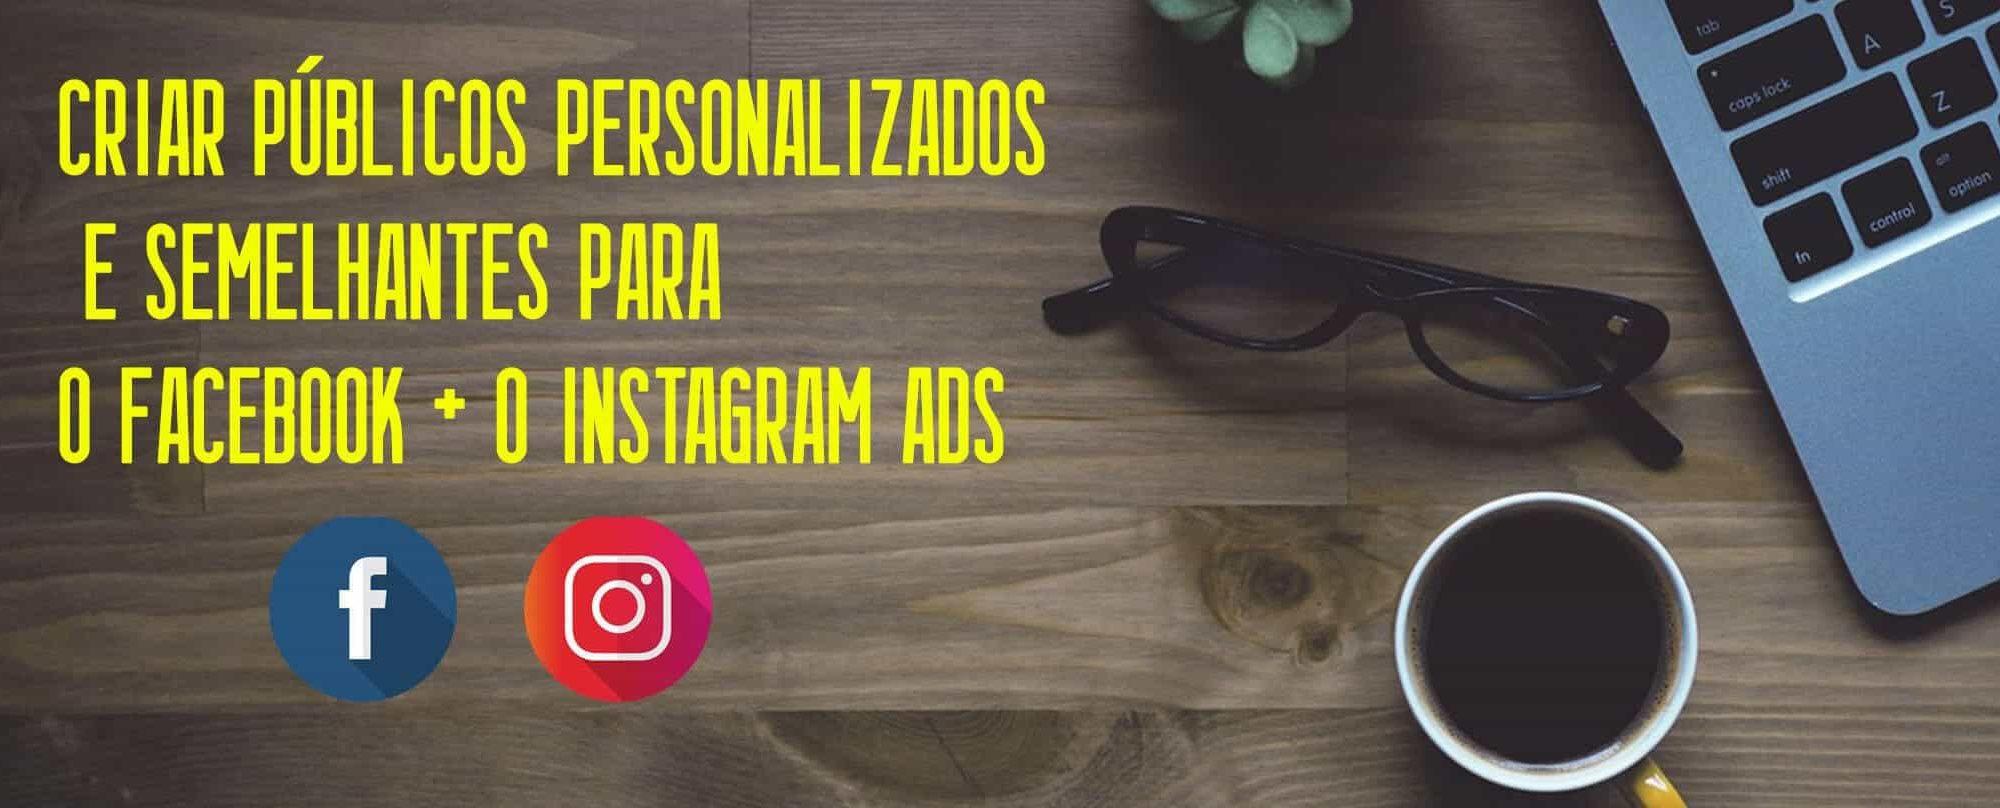 criar-publicos-personalizados-e-semelhantes-para-o-facebook-e-o-instagram-ads